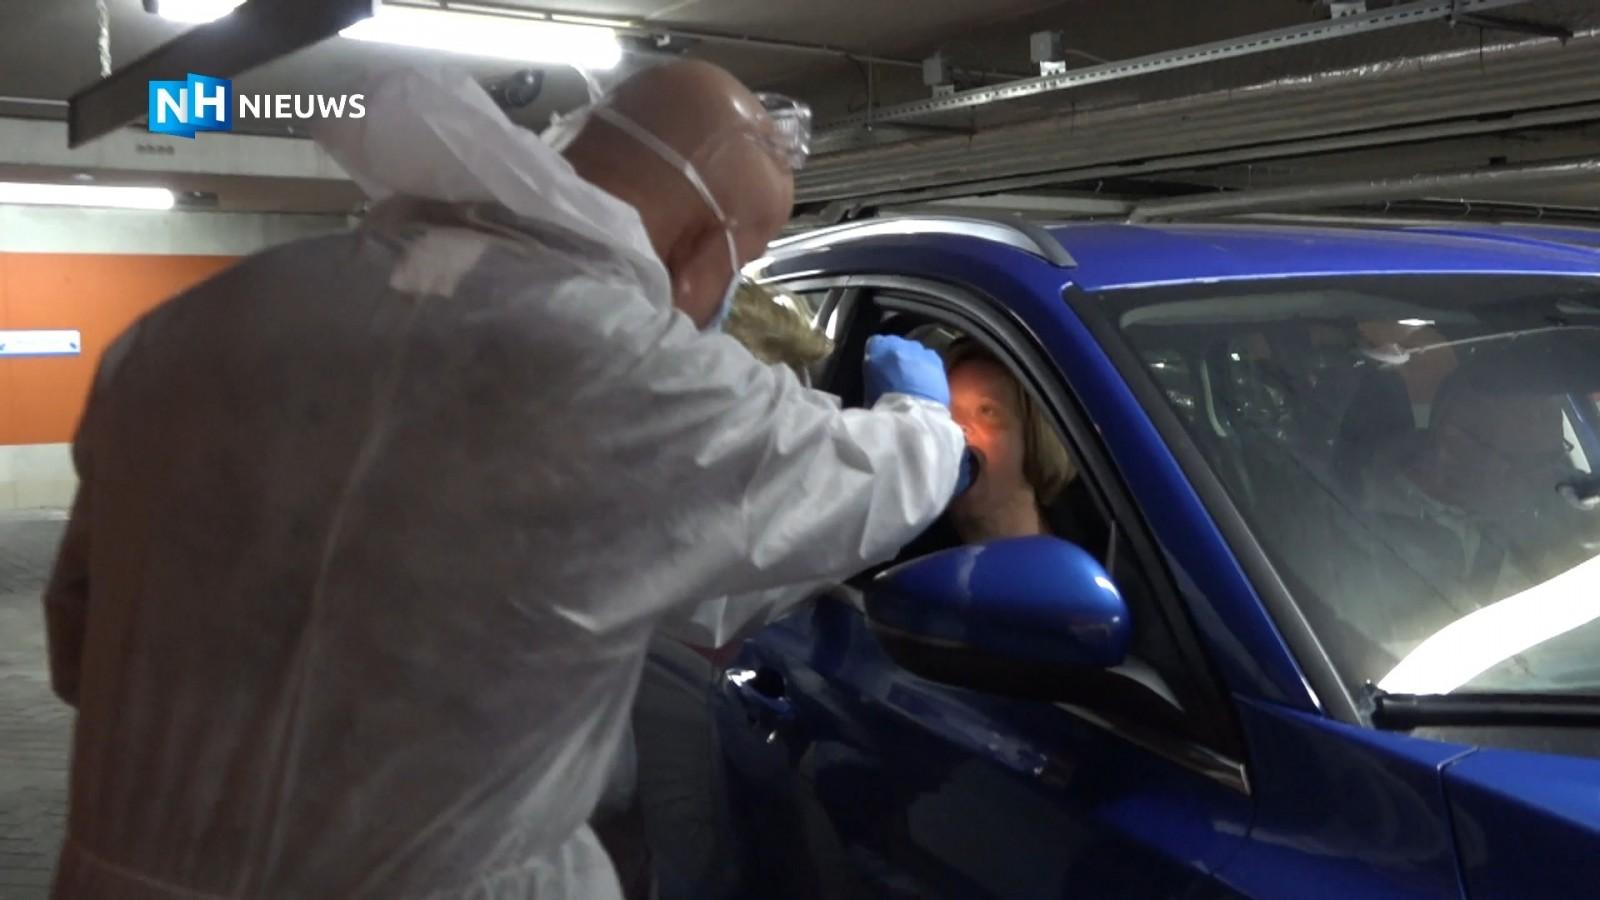 'Corona drive-thru' in Bussums parkeergarage voor zorgmedewerkers